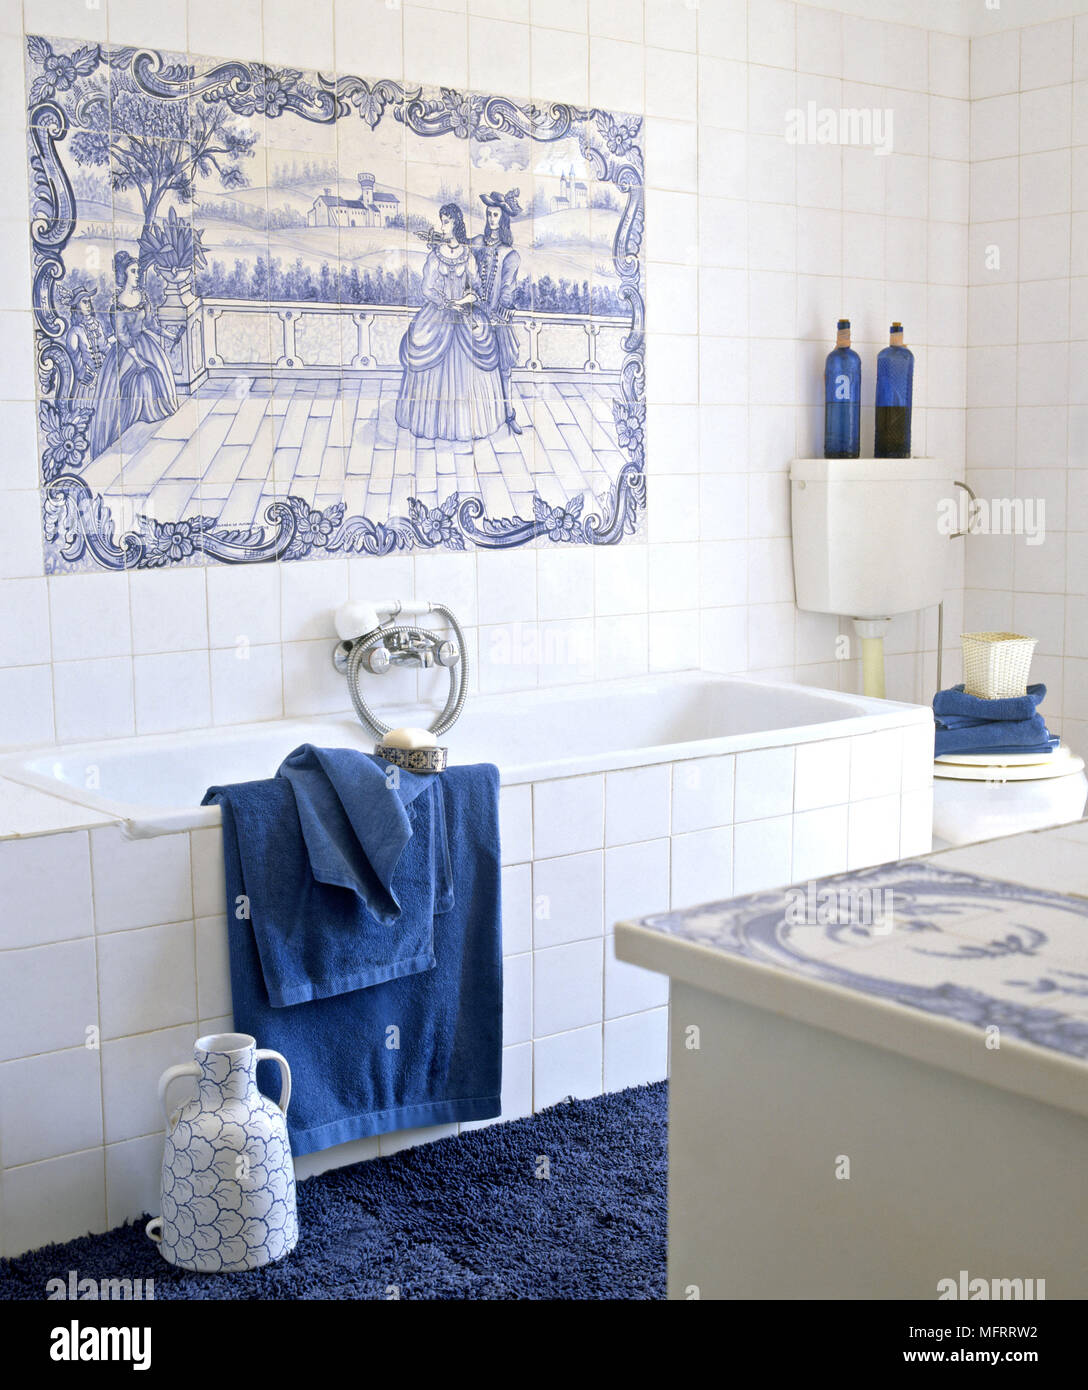 Blau Und Weiss Gefliest Dekorative Verkleidung Uber Badewanne Stockfotografie Alamy